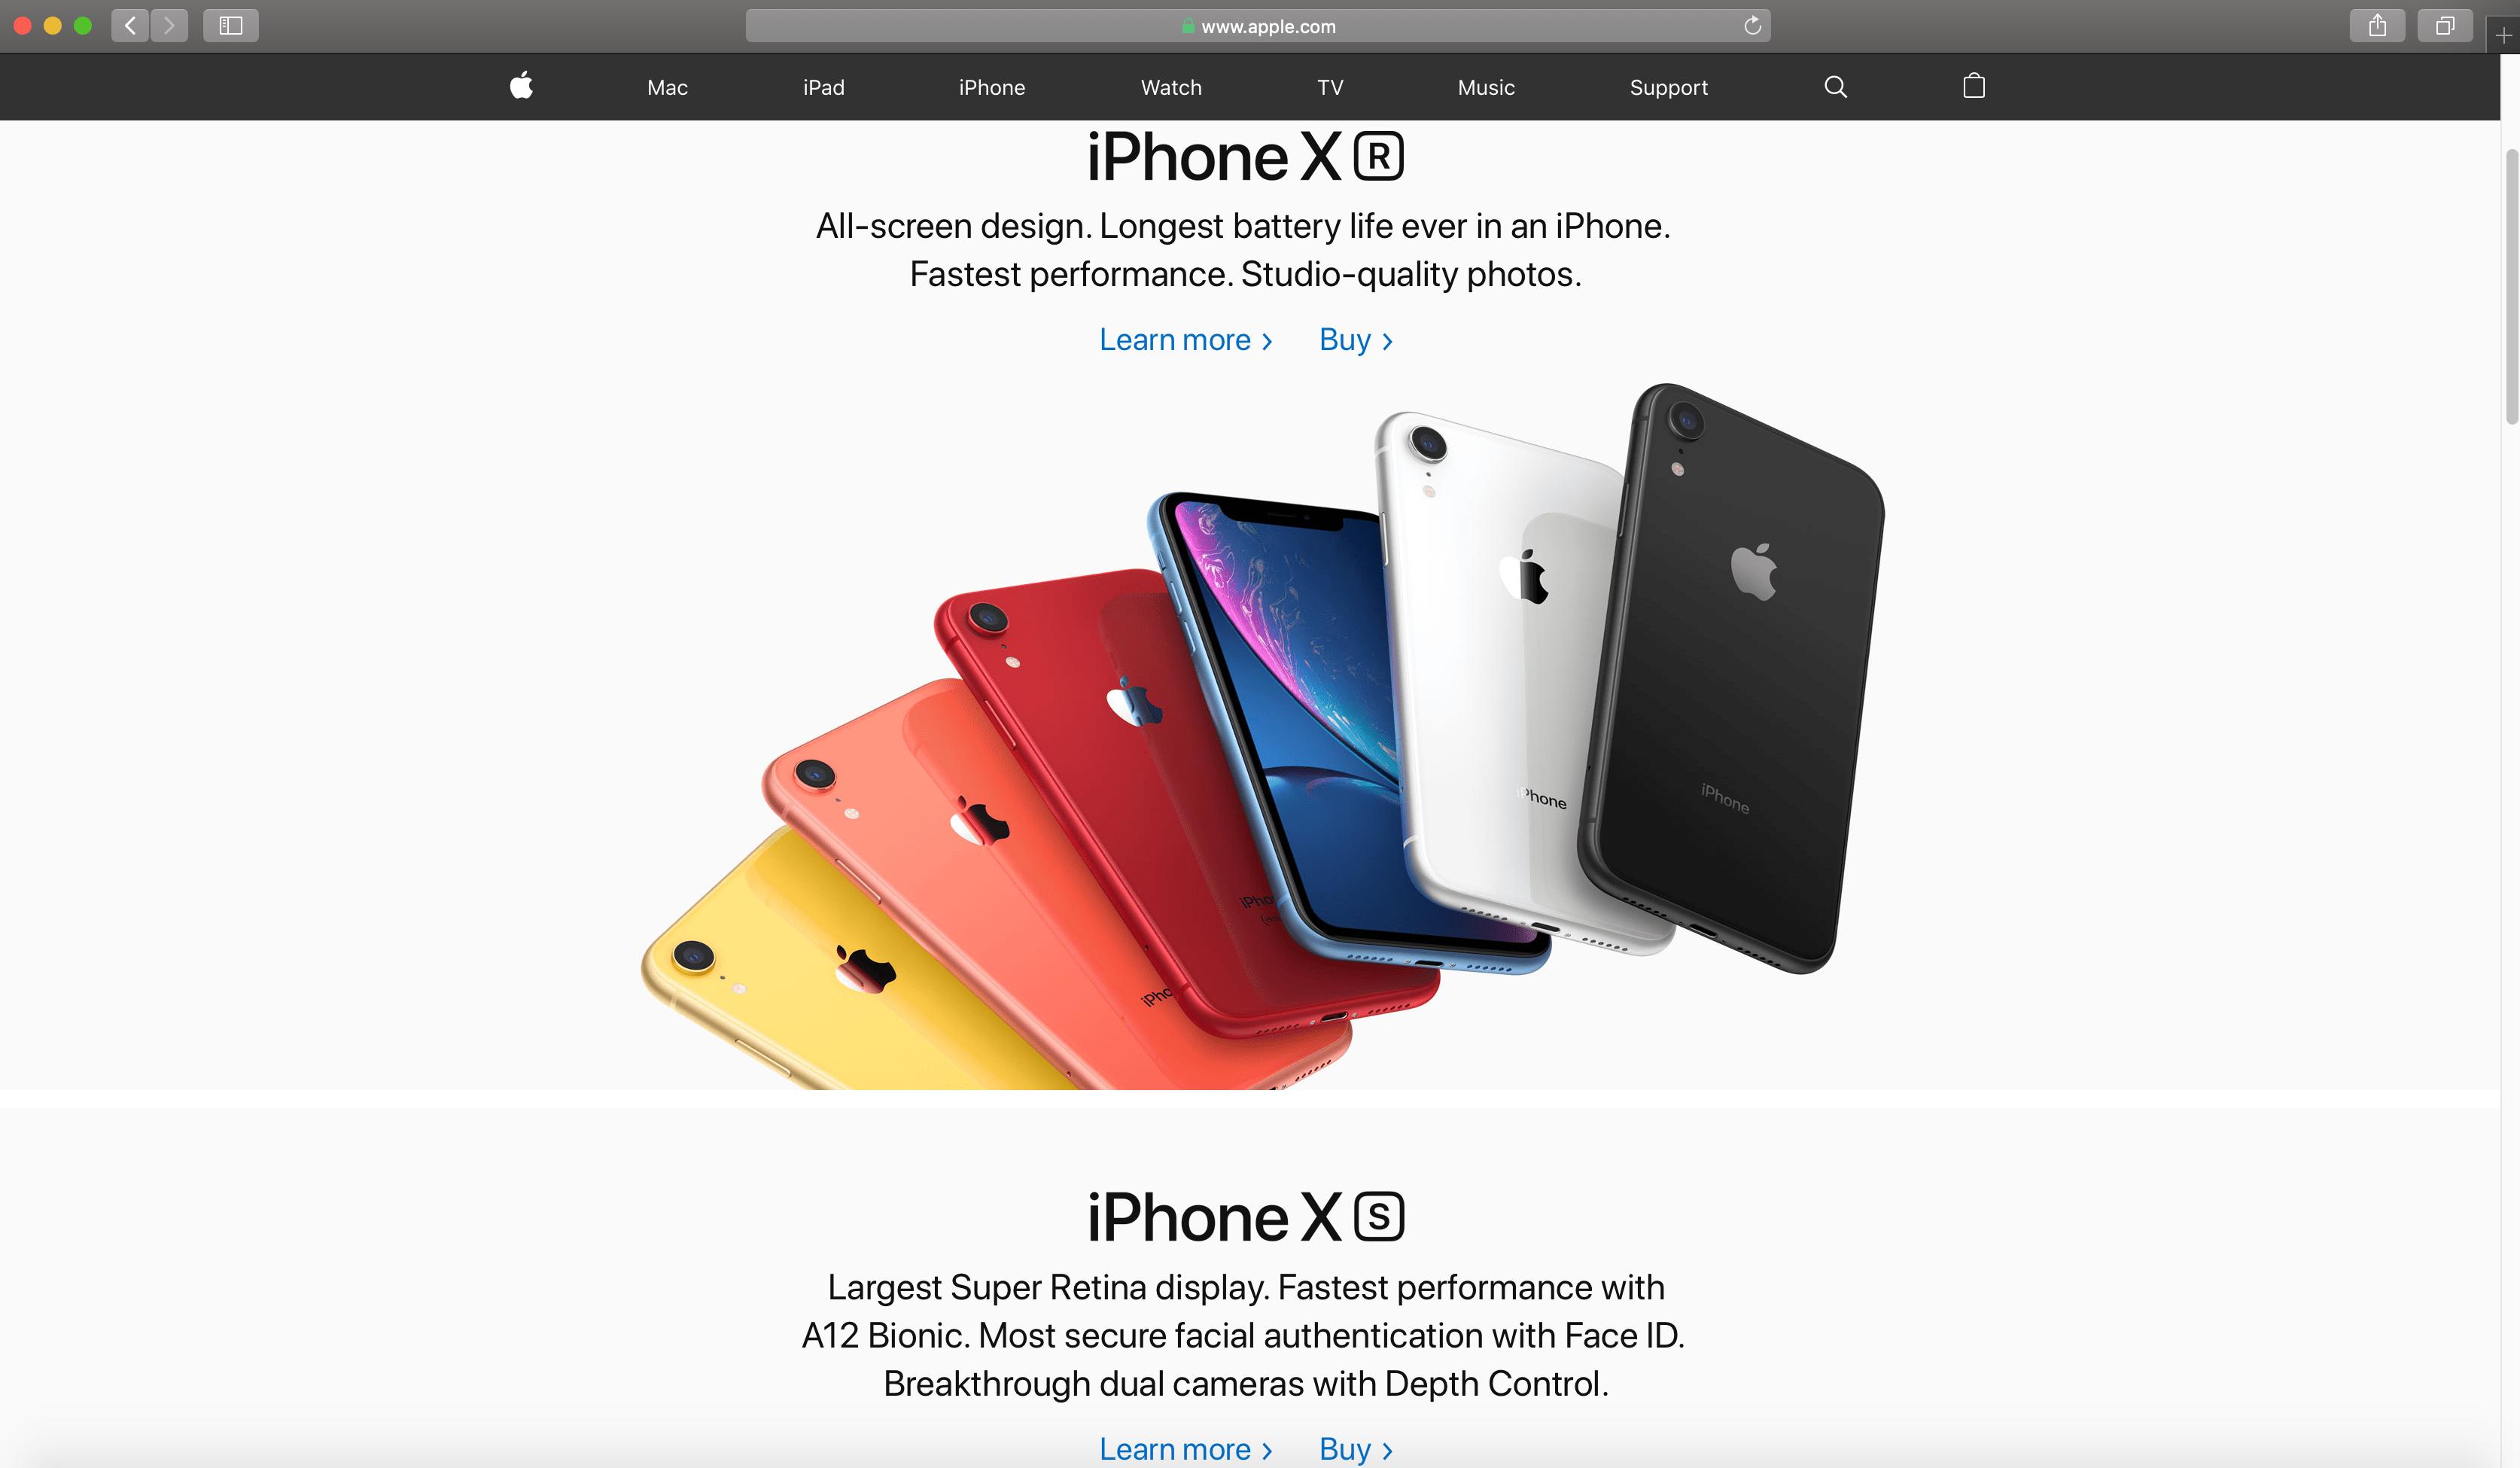 Apple.com homepage on Safari browser